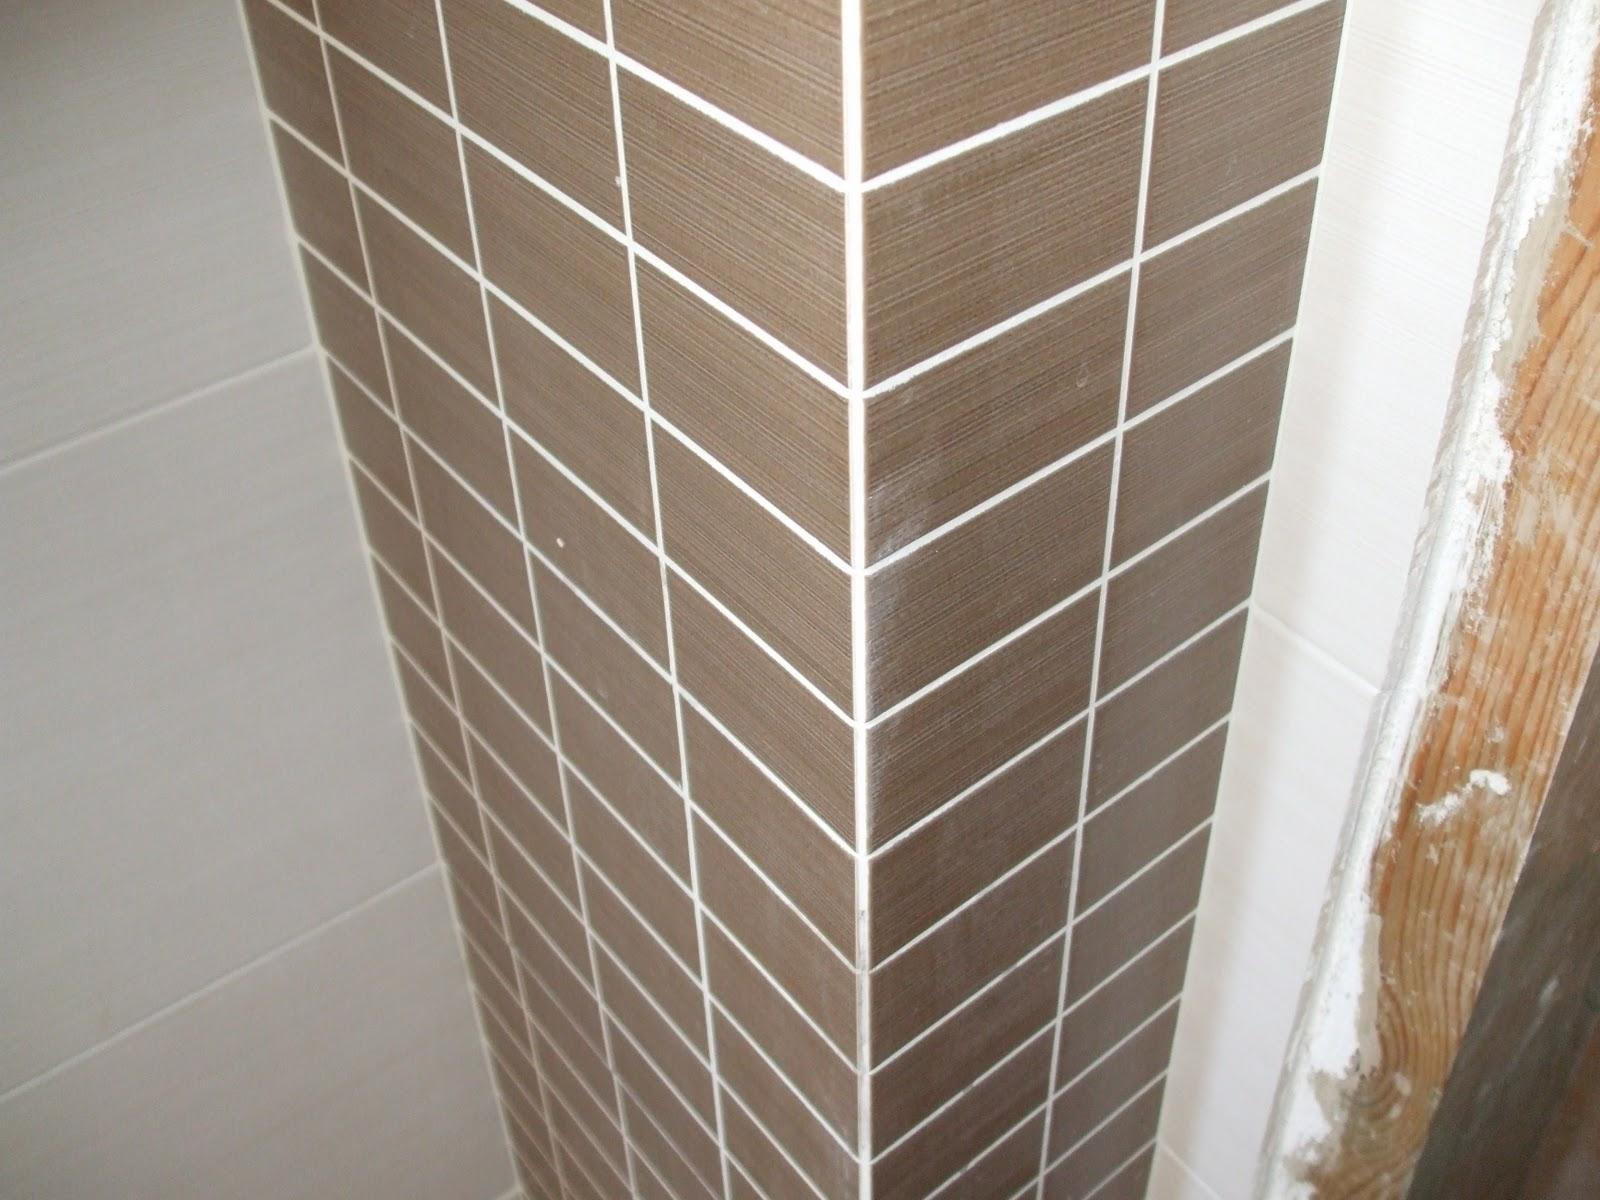 Azulejos alicatados y alicatadores cantonera o inglete - Azulejos 20x20 colores ...